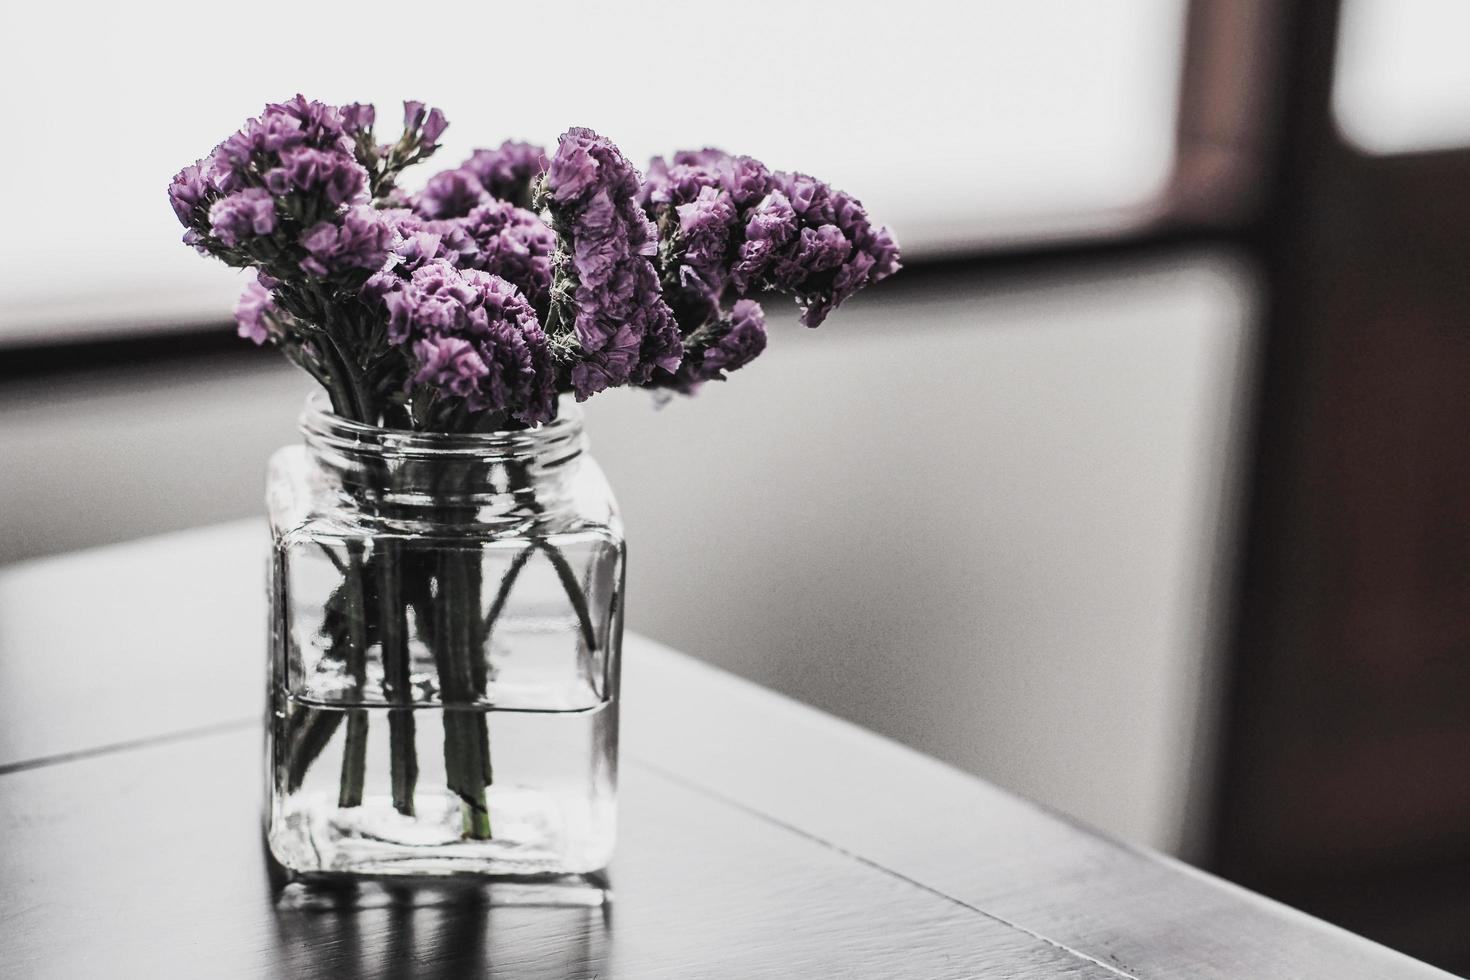 fiori viola in vaso di vetro foto